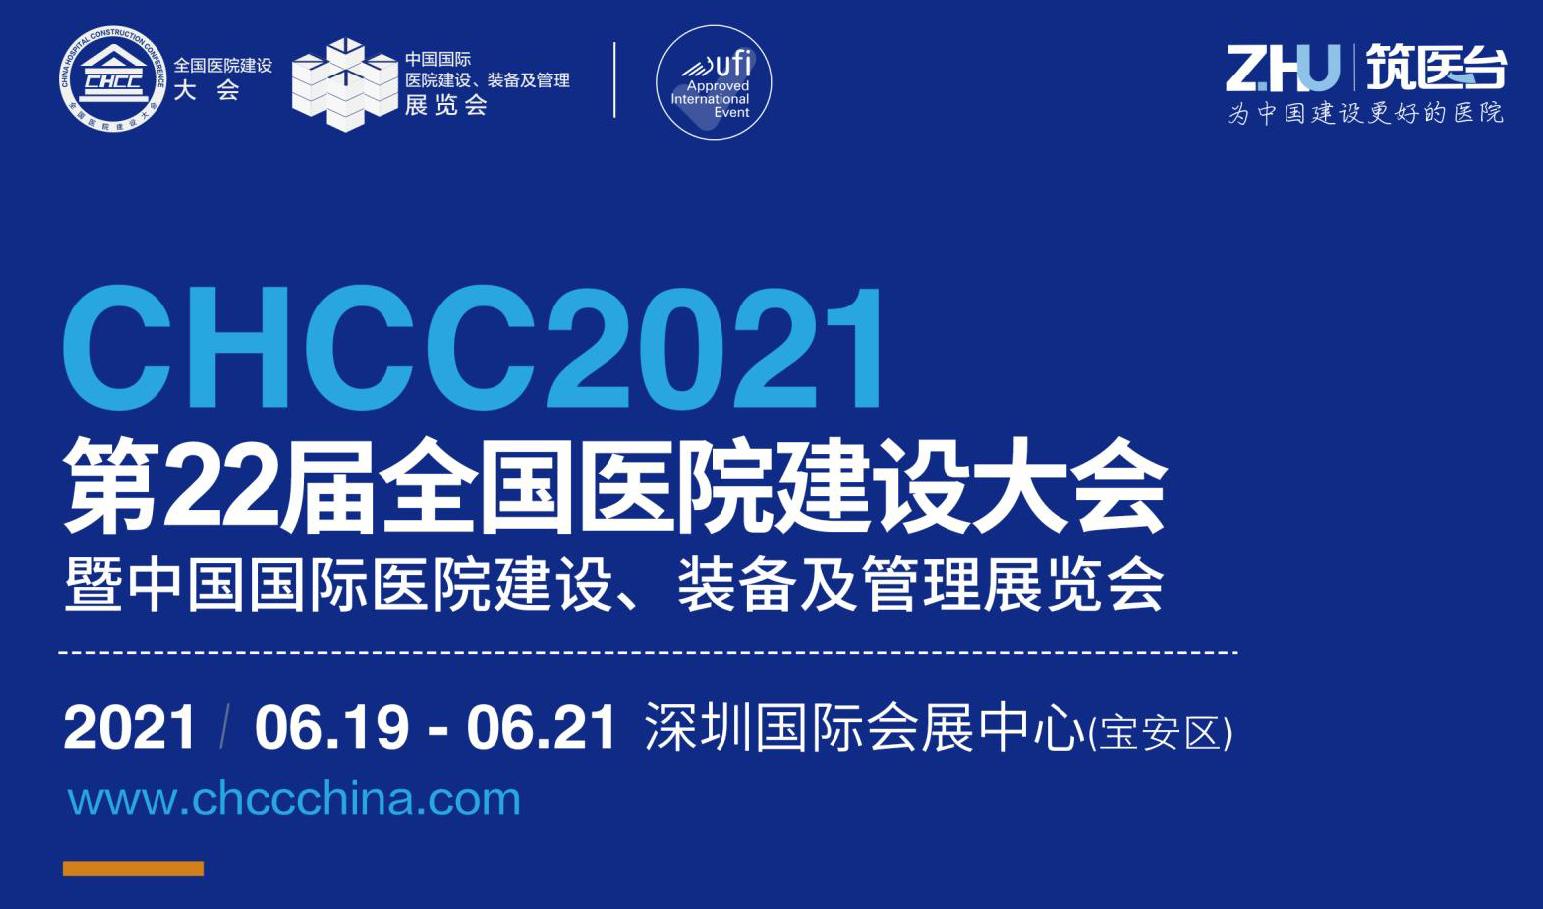 第22届全国医院建设大会即将在深圳开展